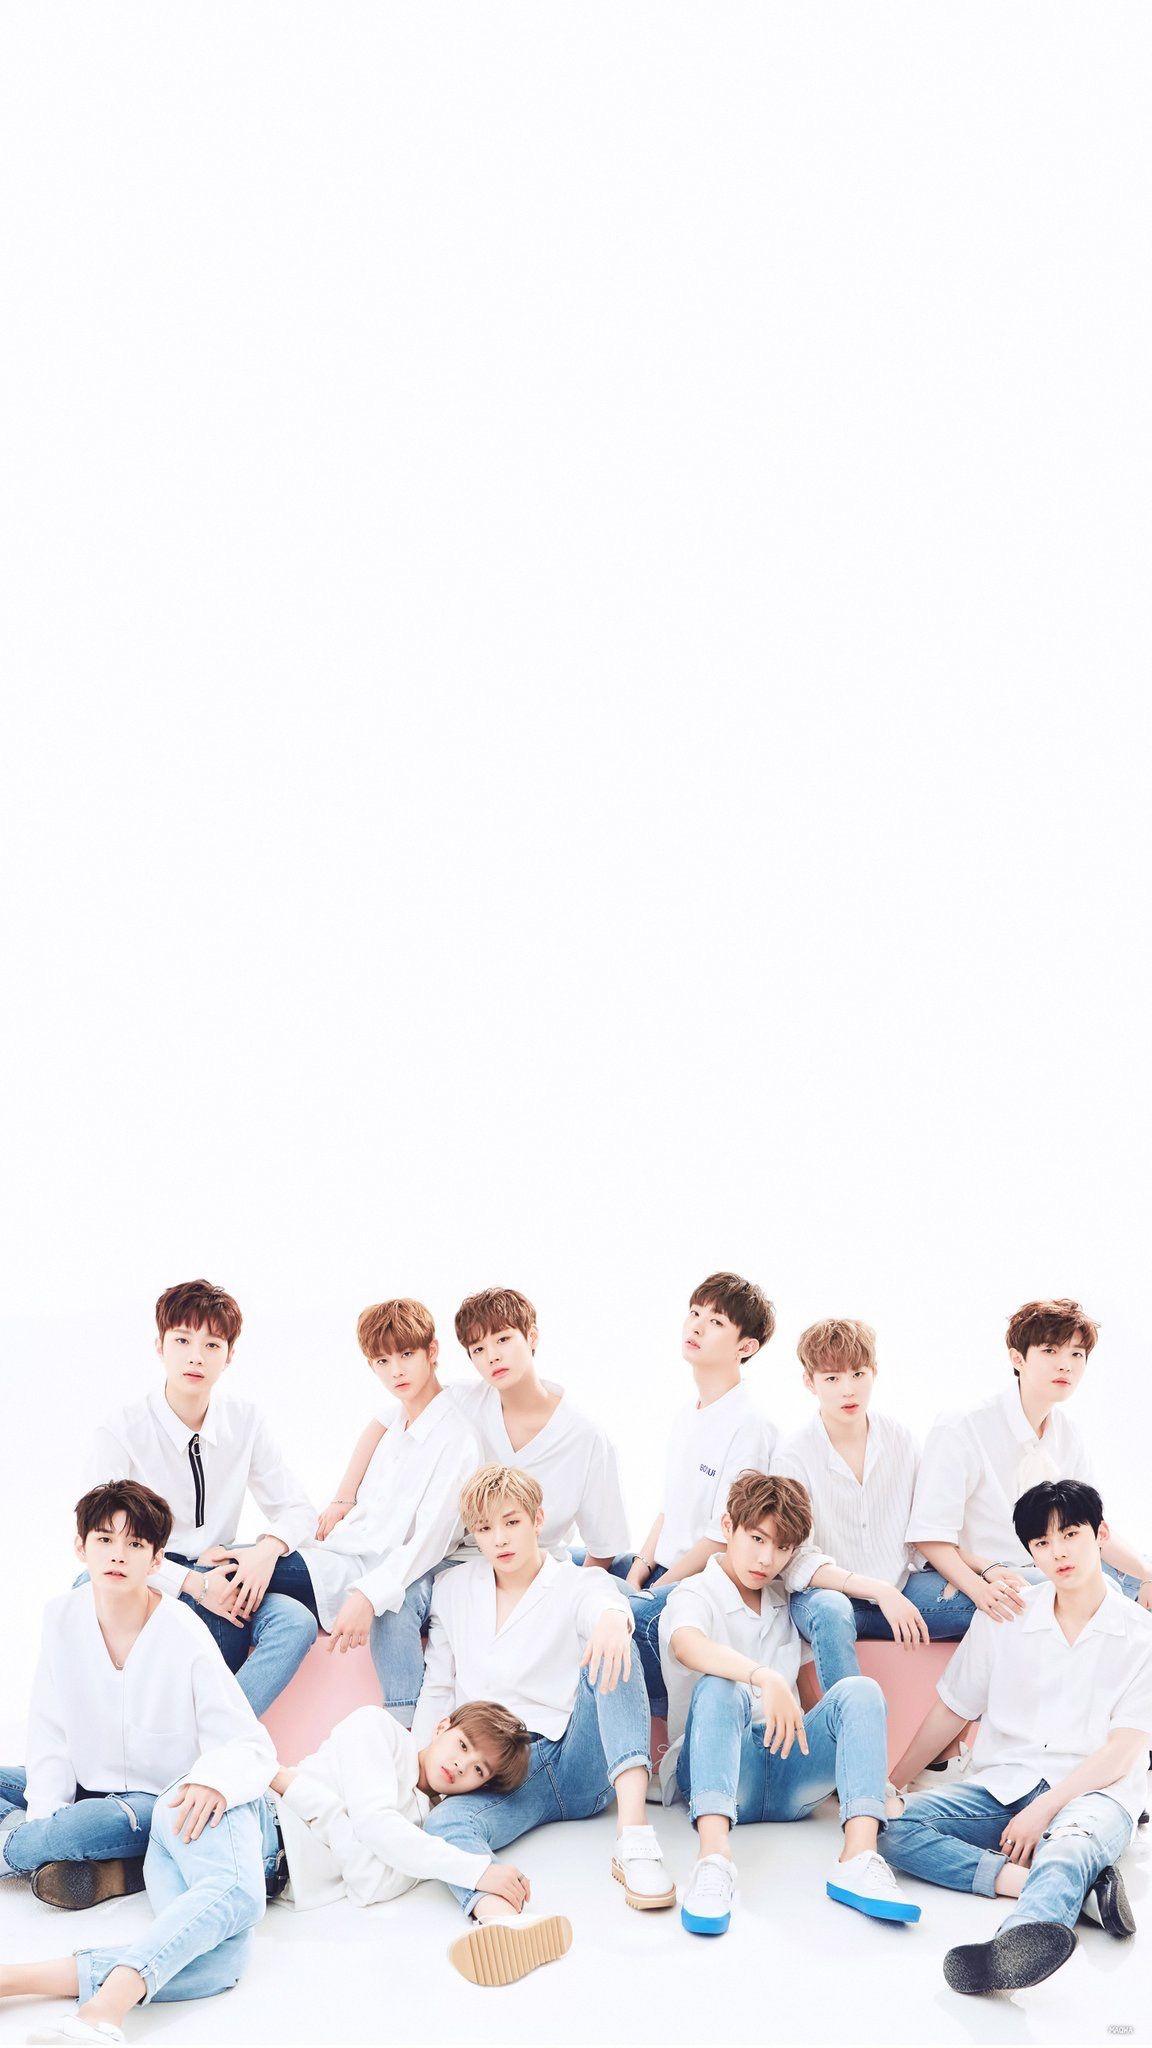 Wanna One Lockscreen Kpop Lagu Dan Orang